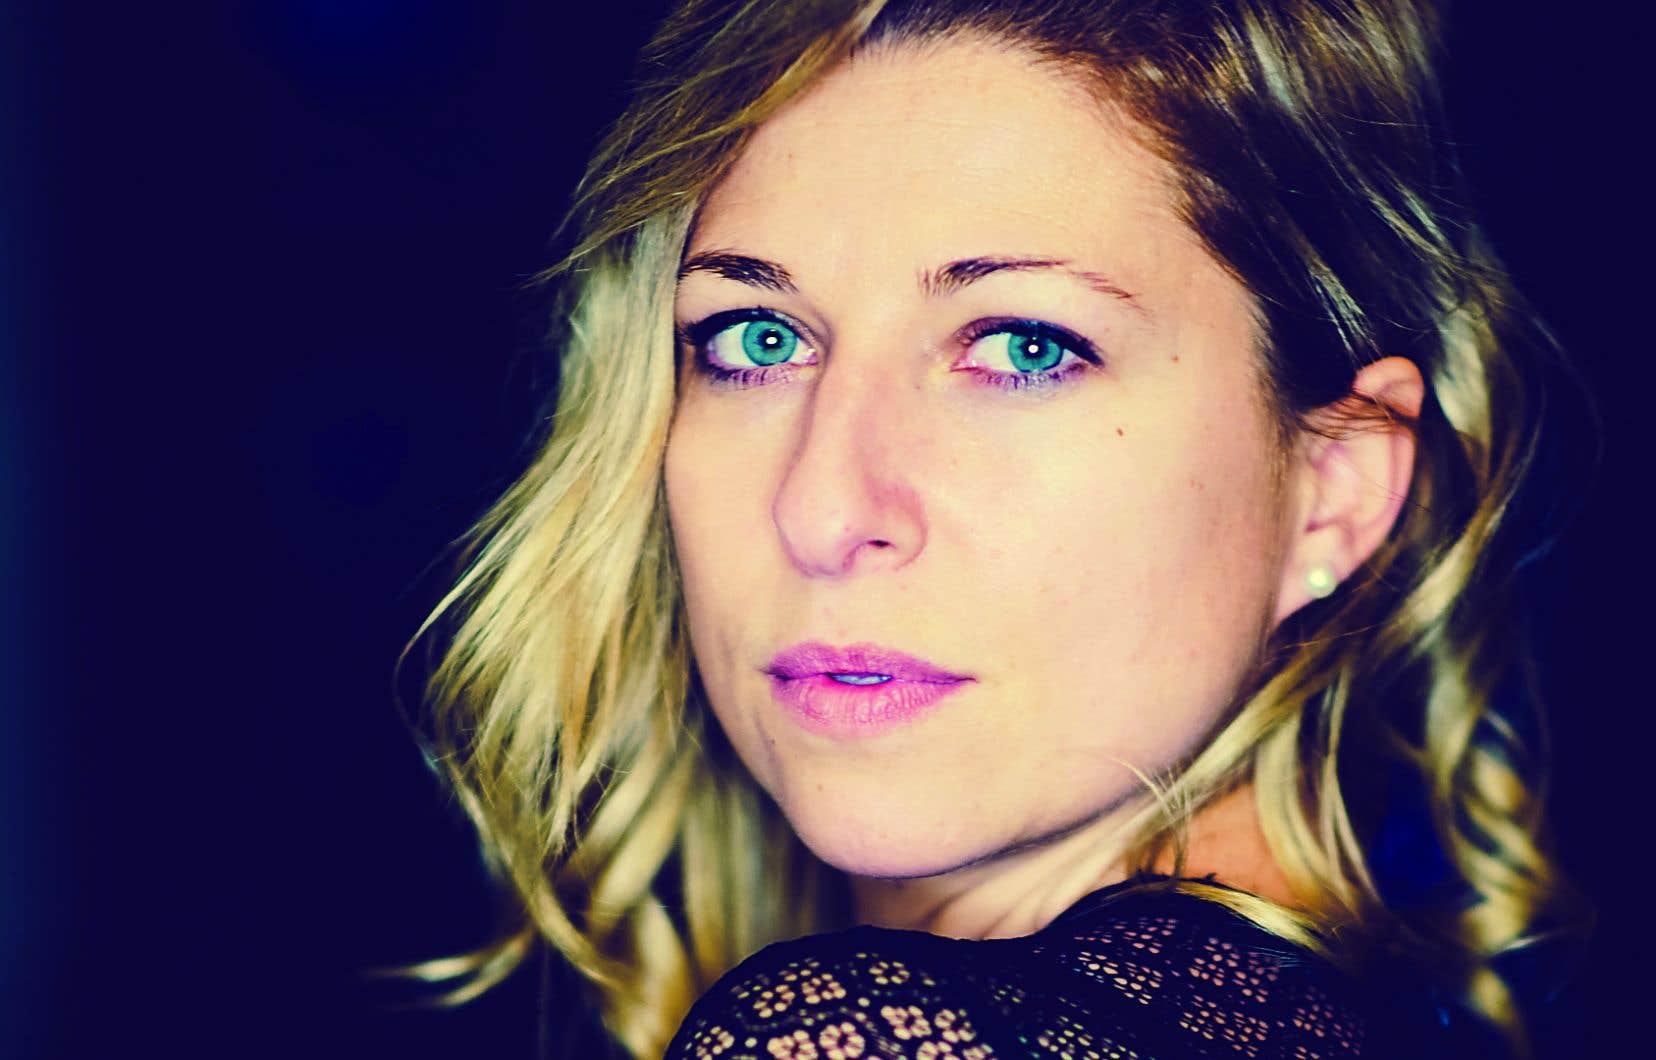 La chanteuse country, originaire de la capitale québécoise du genre, Saint-Tite, sort un nouvel album: «Après l'orage».